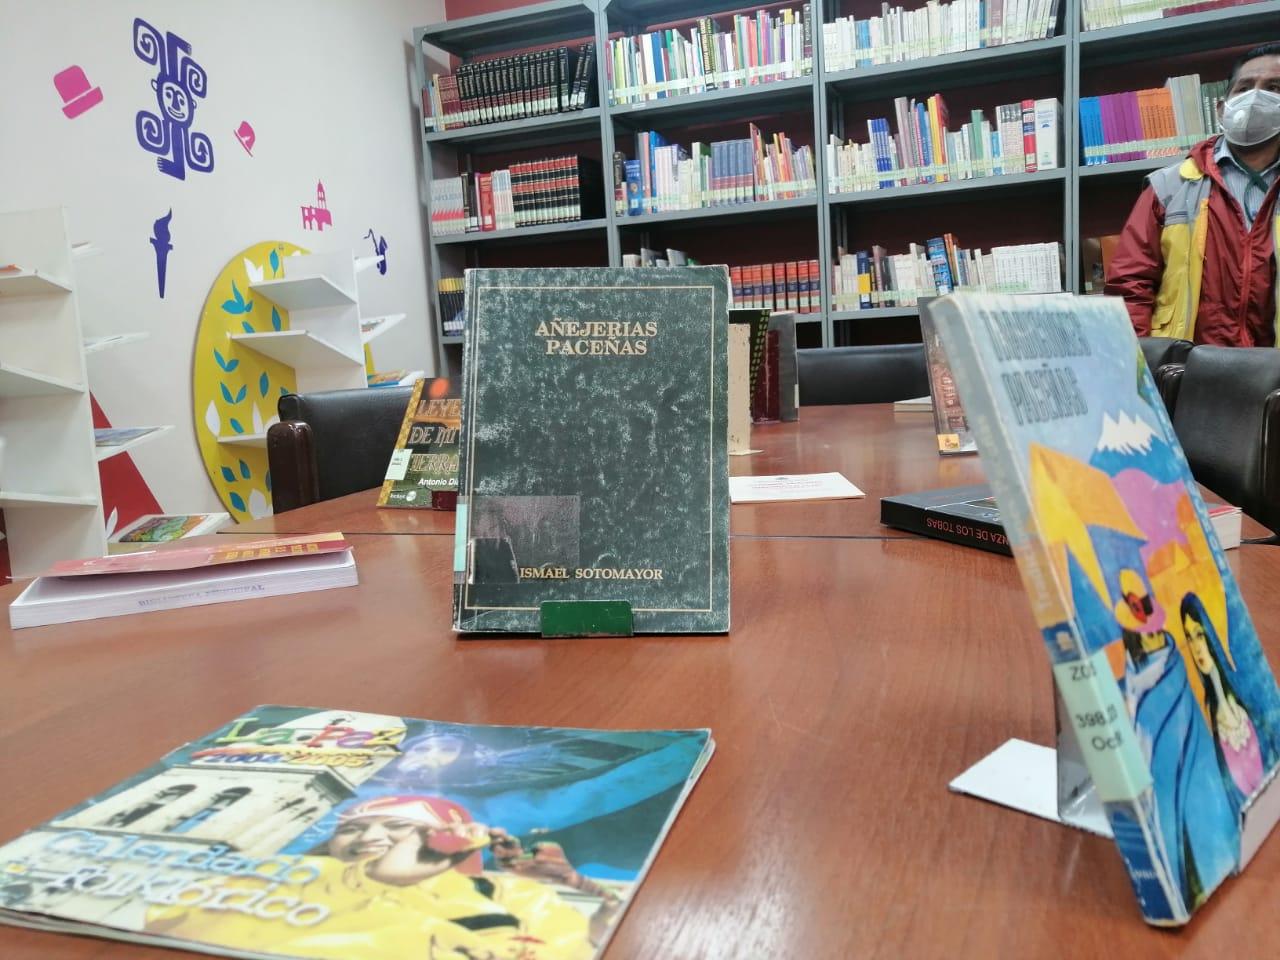 Biblioteca Ismael Sotomayor